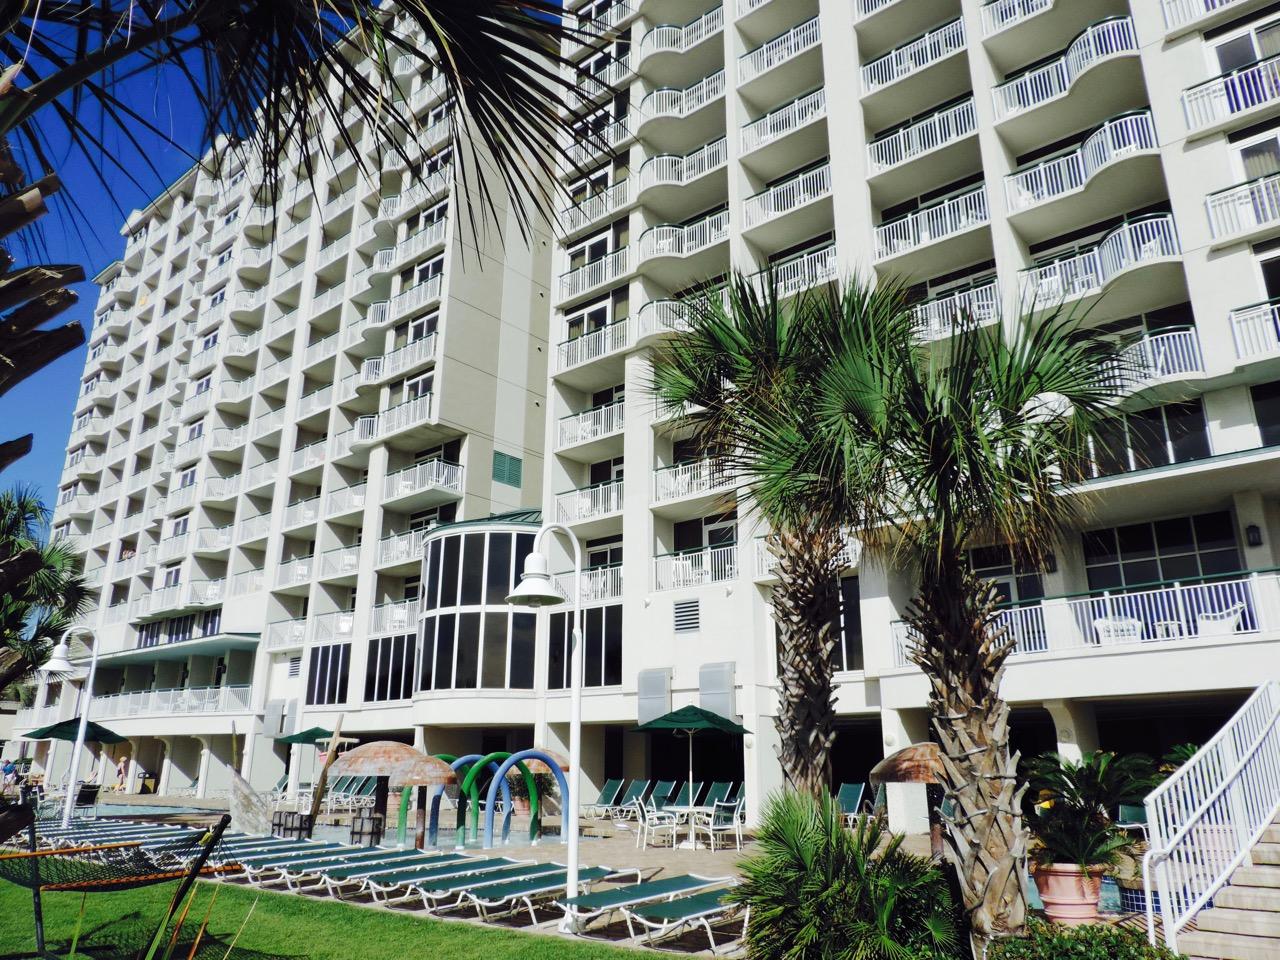 Hampton Inn & Suites – Myrtle Beach Oceanfront Resort